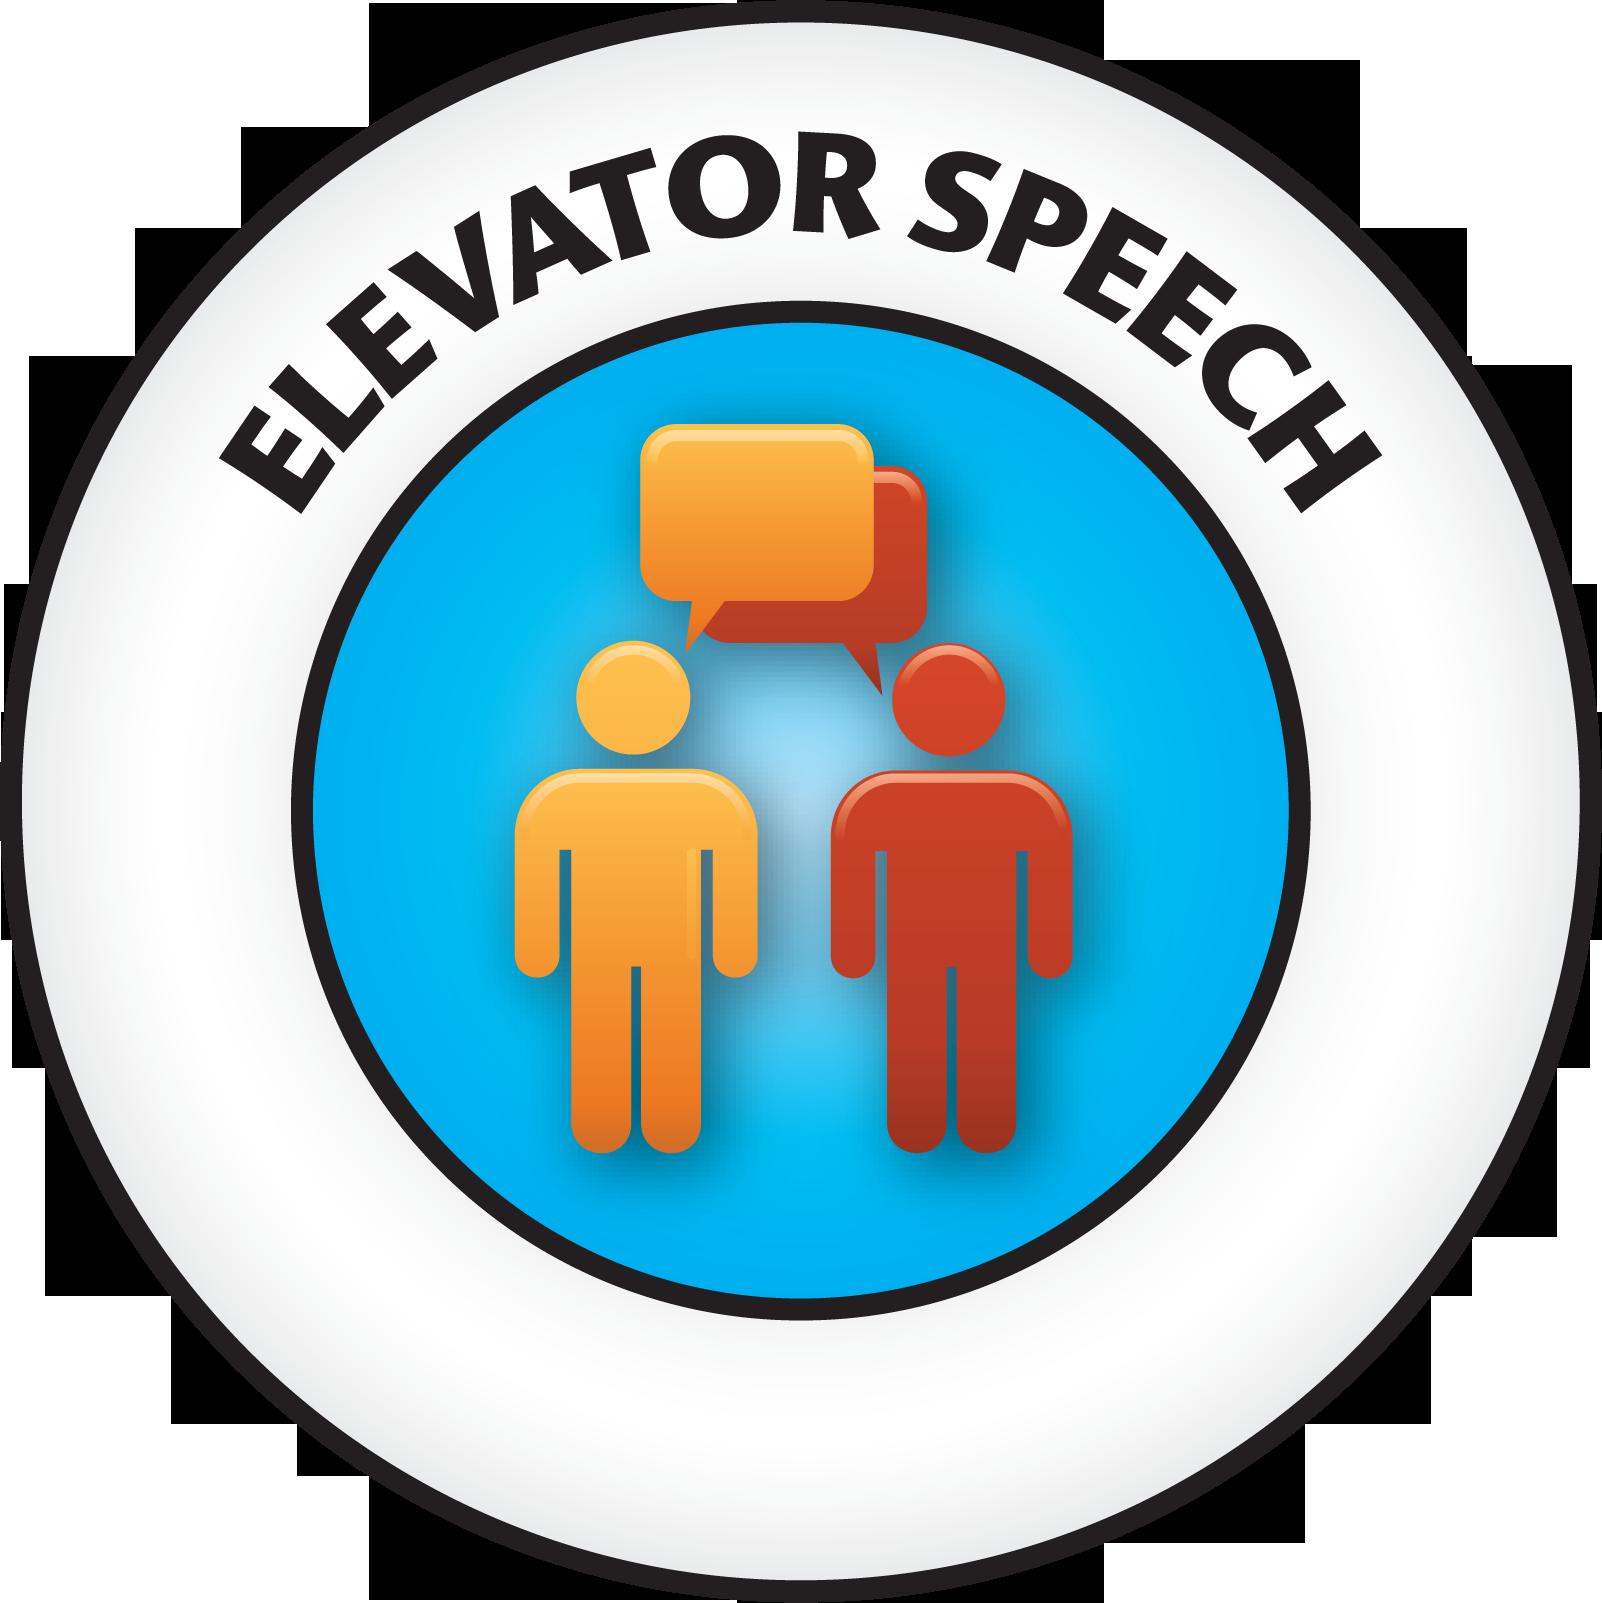 Elevator Speech Là Gì? Tìm Hiểu Về Elevator Speech Là Gì?